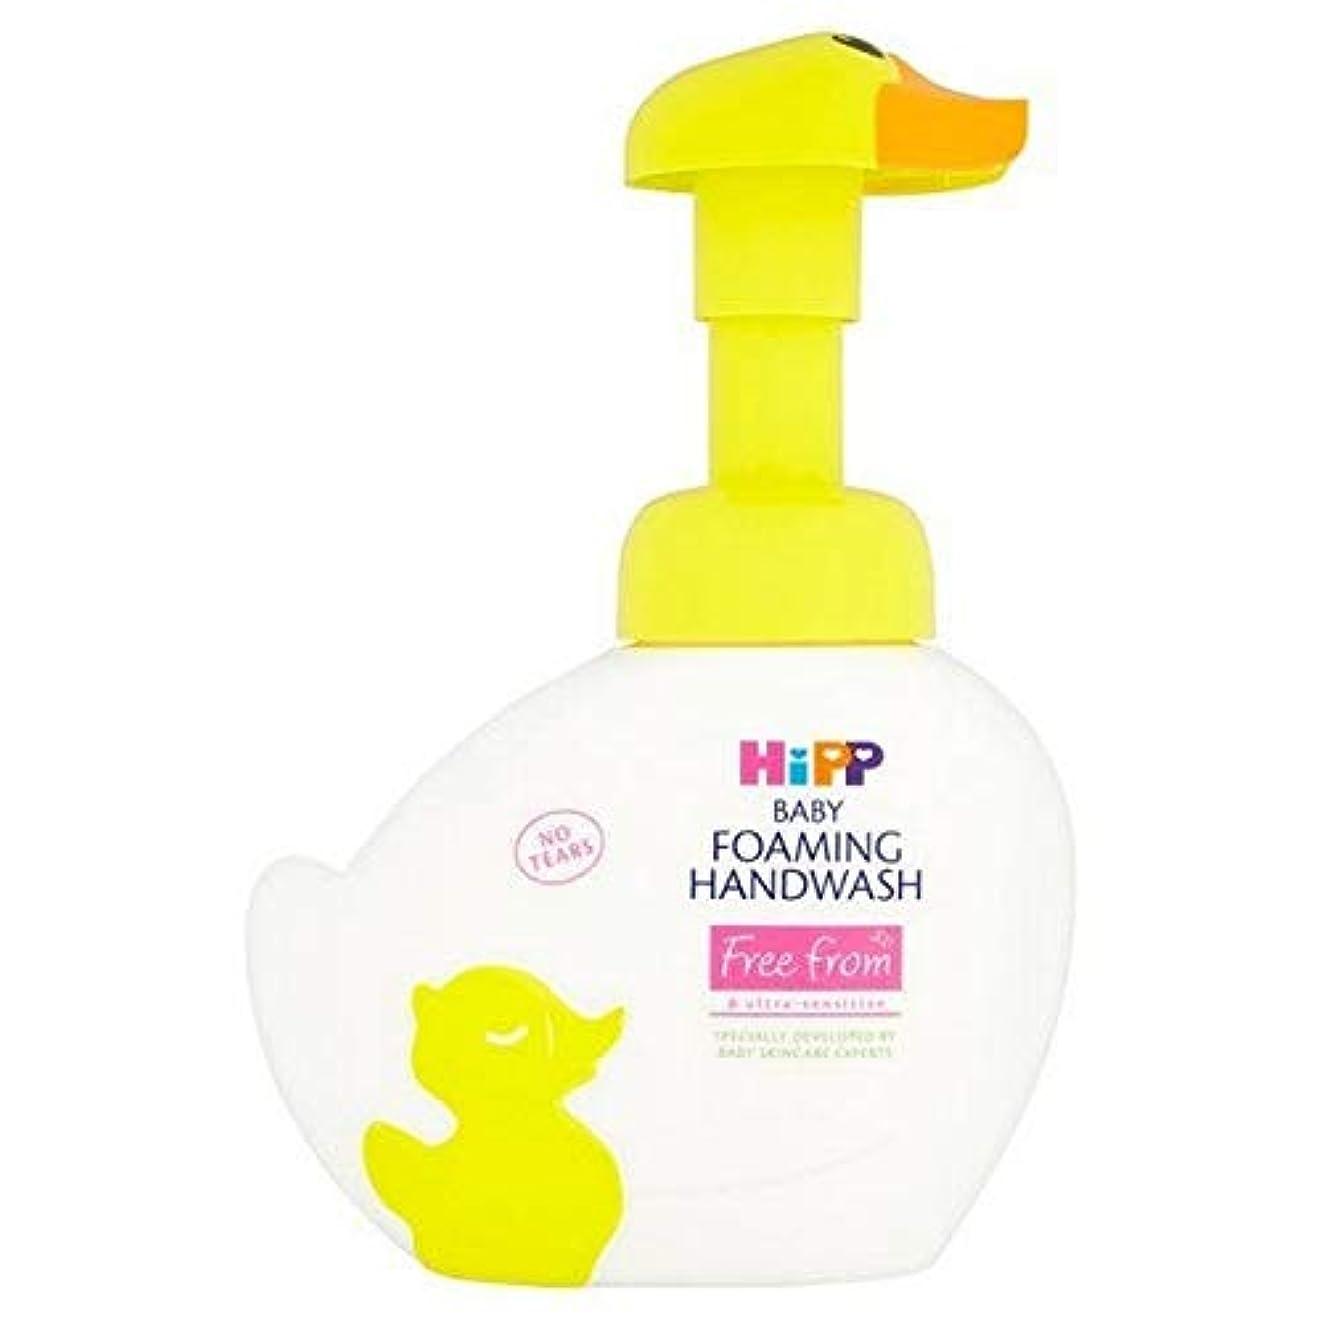 スペル郡ガイド[Hipp ] ヒップ自由手洗いの250ミリリットルを発泡から - HiPP Free From Foaming Handwash 250ml [並行輸入品]